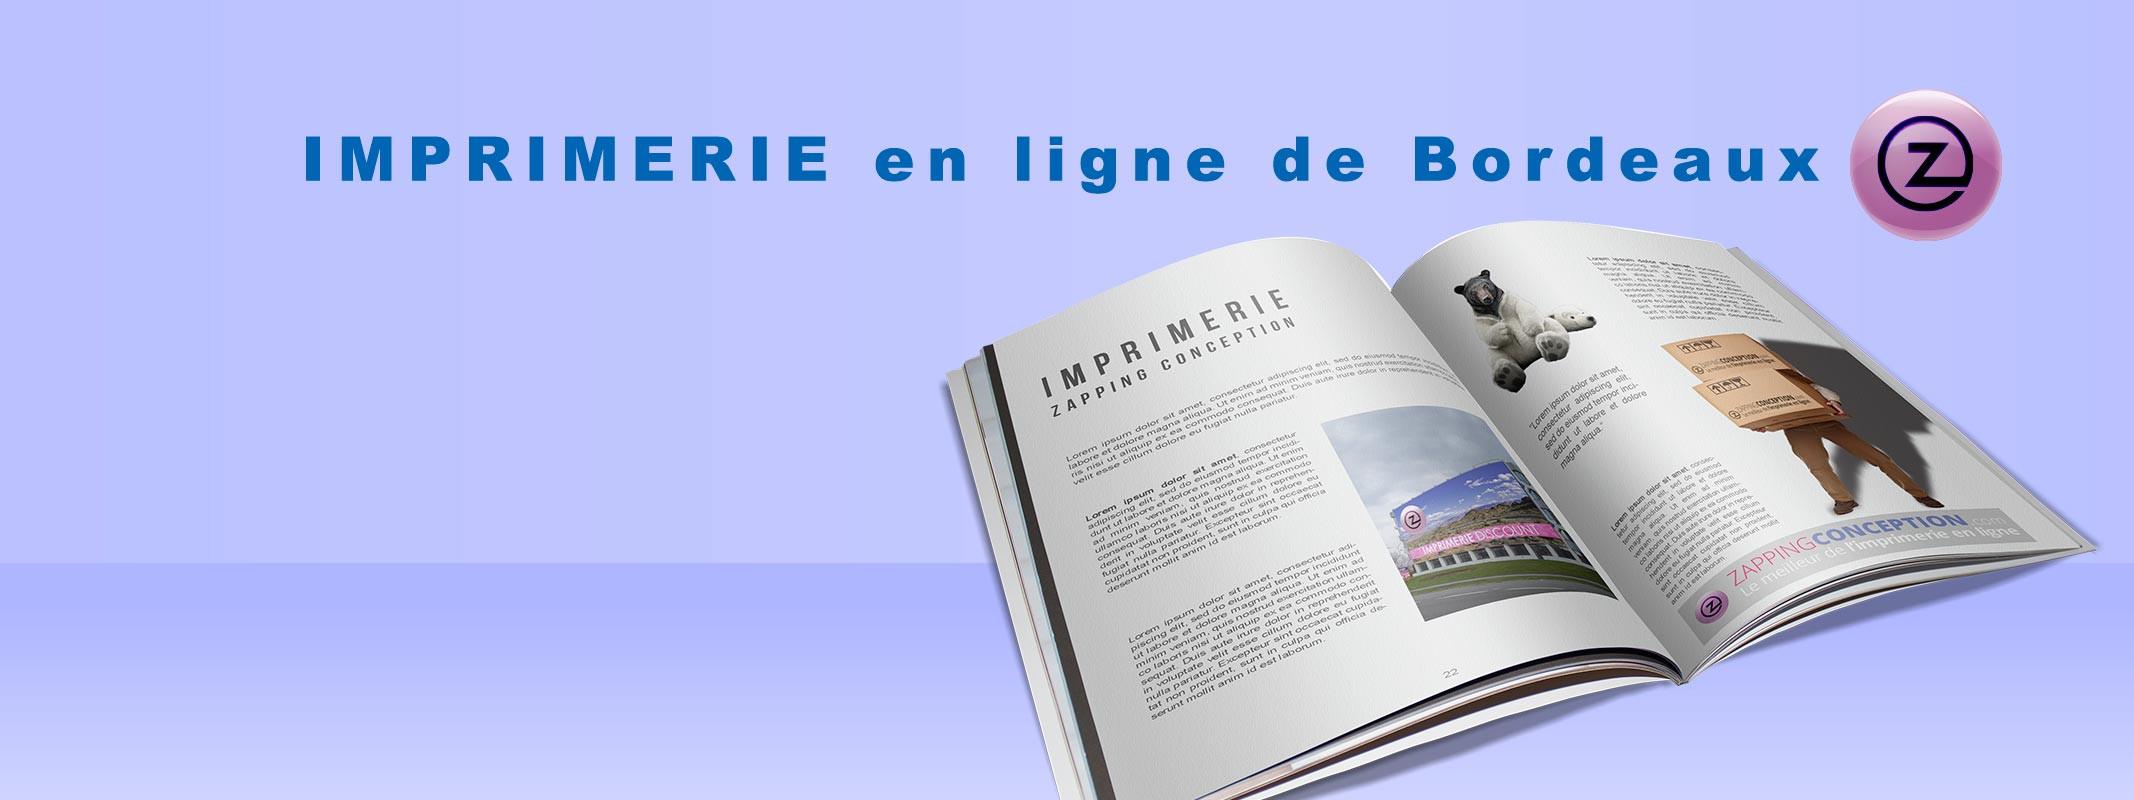 Imprimerie en Ligne de Bordeaux